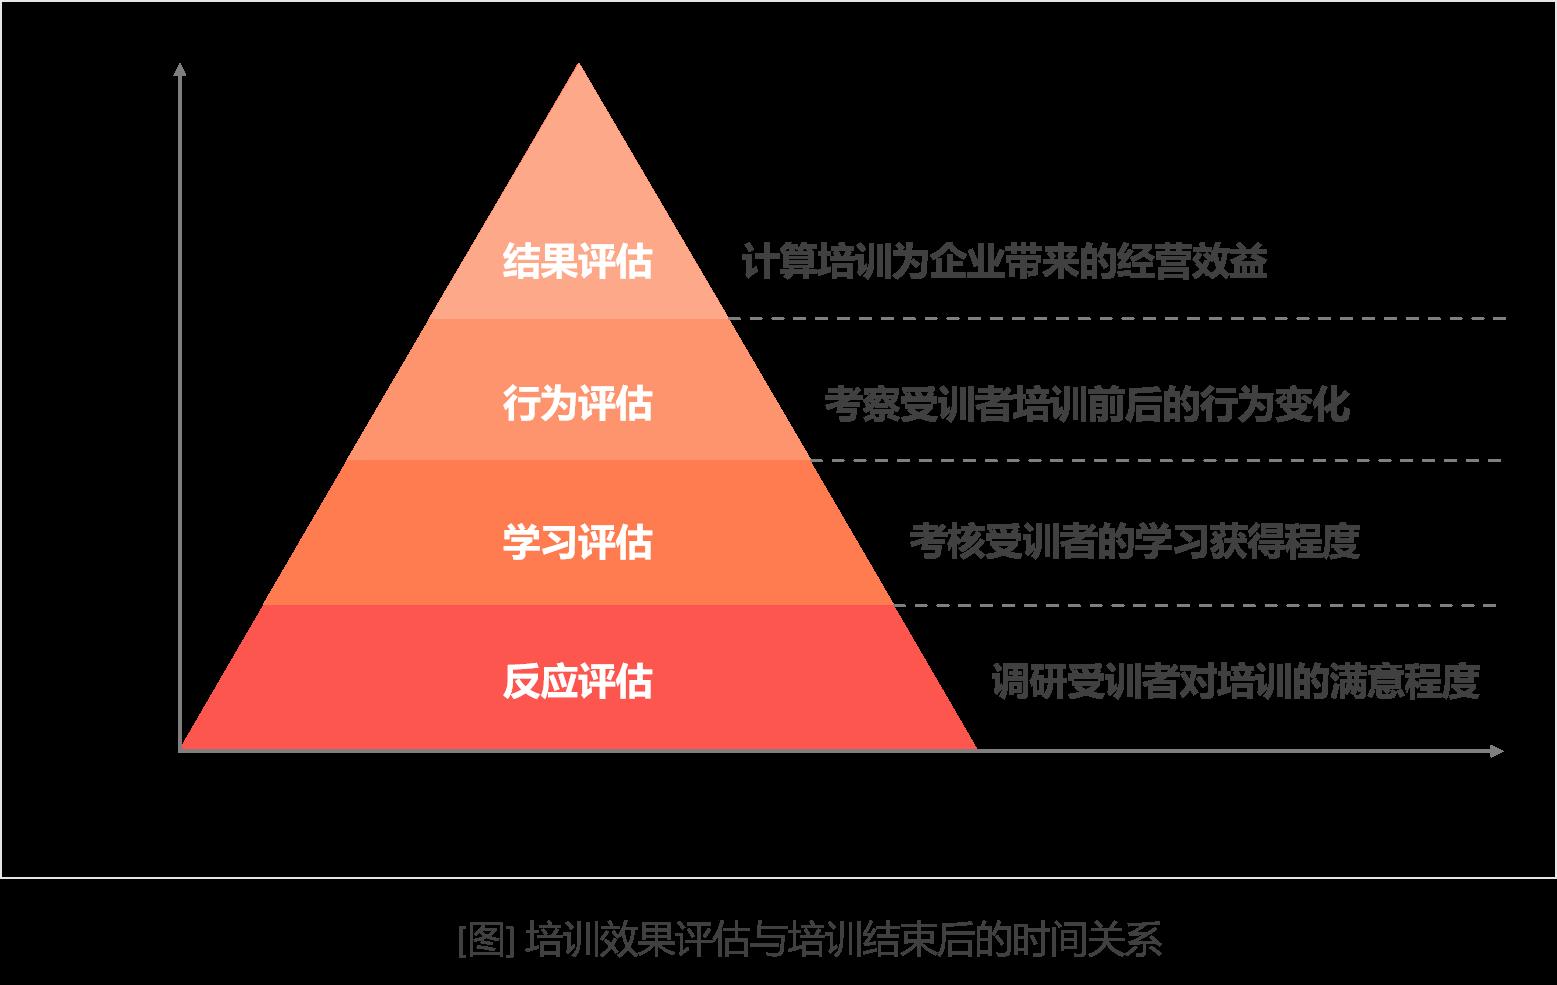 培训效果评估与培训结束后的关系